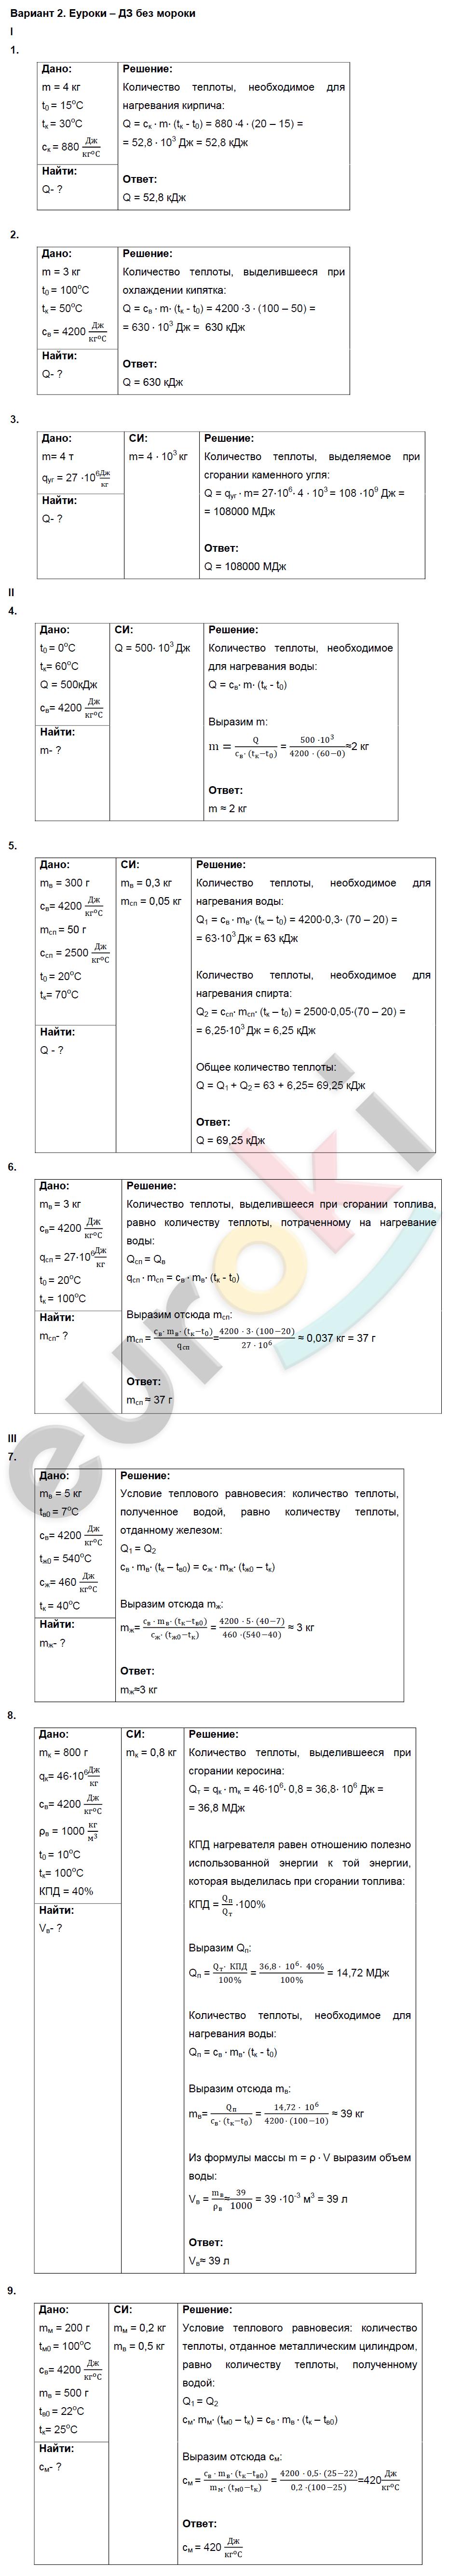 ГДЗ по физике 8 класс дидактические материалы Марон, Перышкин Контрольные работы, КР-1. Расчет количества теплоты. Задание: Вариант 2